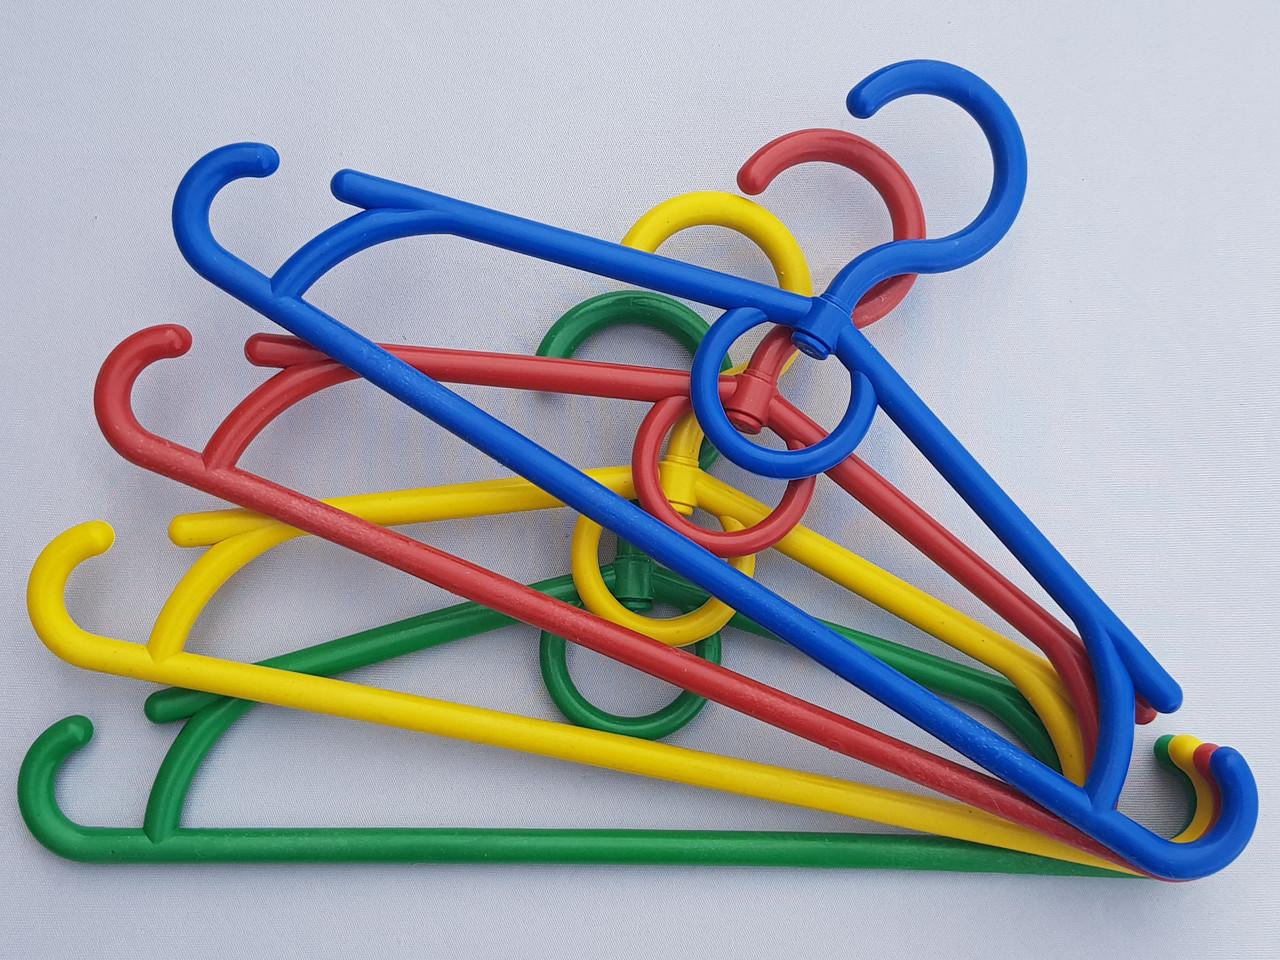 Плечики вешалки тремпеля детские, длина 31 см, в упаковке 10 штук